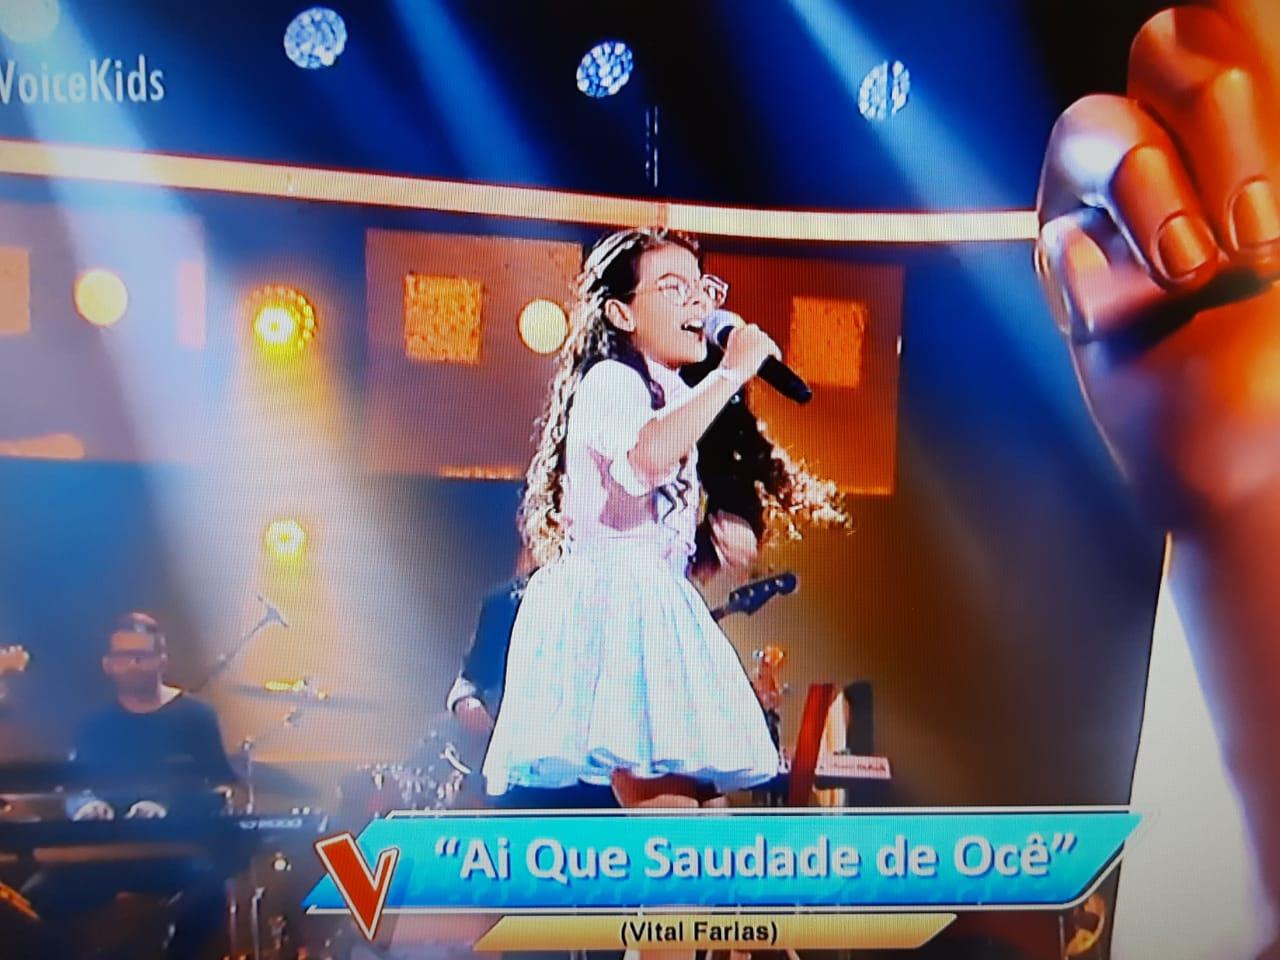 WhatsApp Image 2020 01 19 at 13.21.25 1 - Paraibana de Esperança encanta jurados é classificada para o The Voice Kids 2020 com música de Vital Farias - VEJA VÍDEO